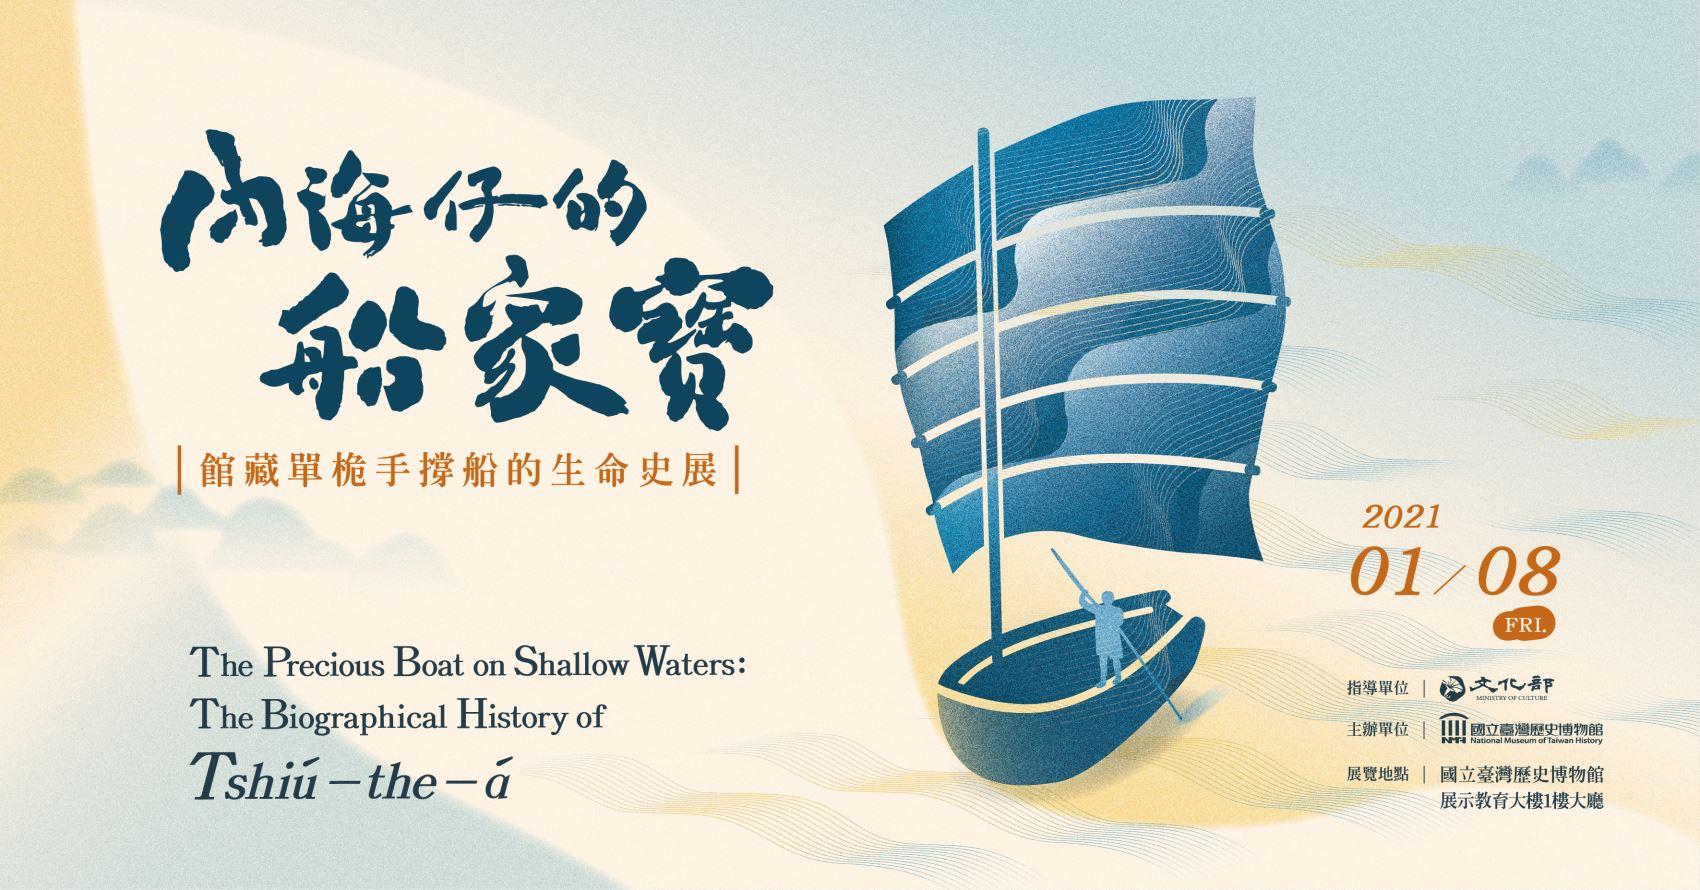 「内海船主の宝:單桅手撐船(一本マストの手漕ぎ船)生活史」展